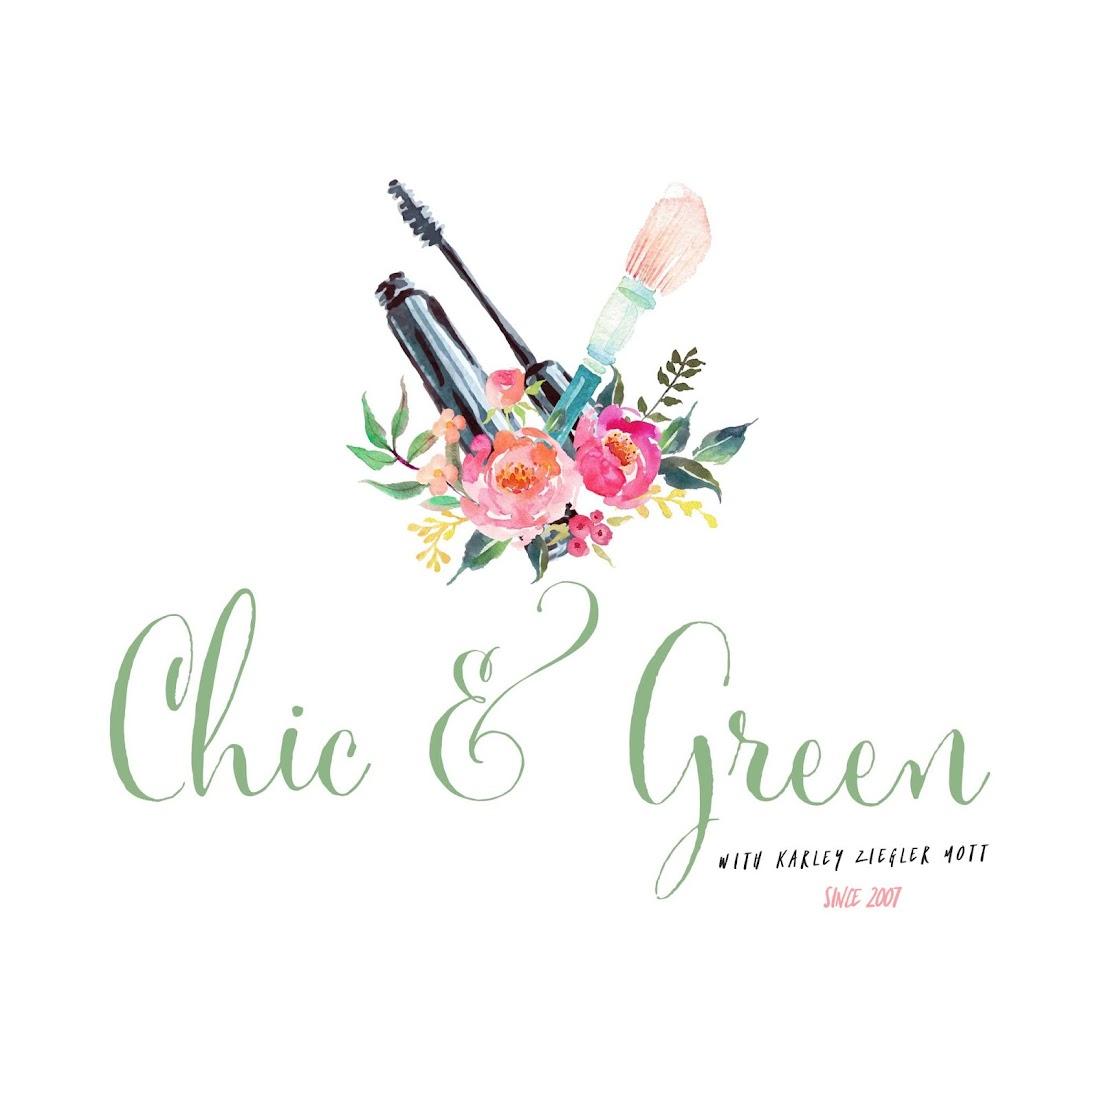 Chic & Green